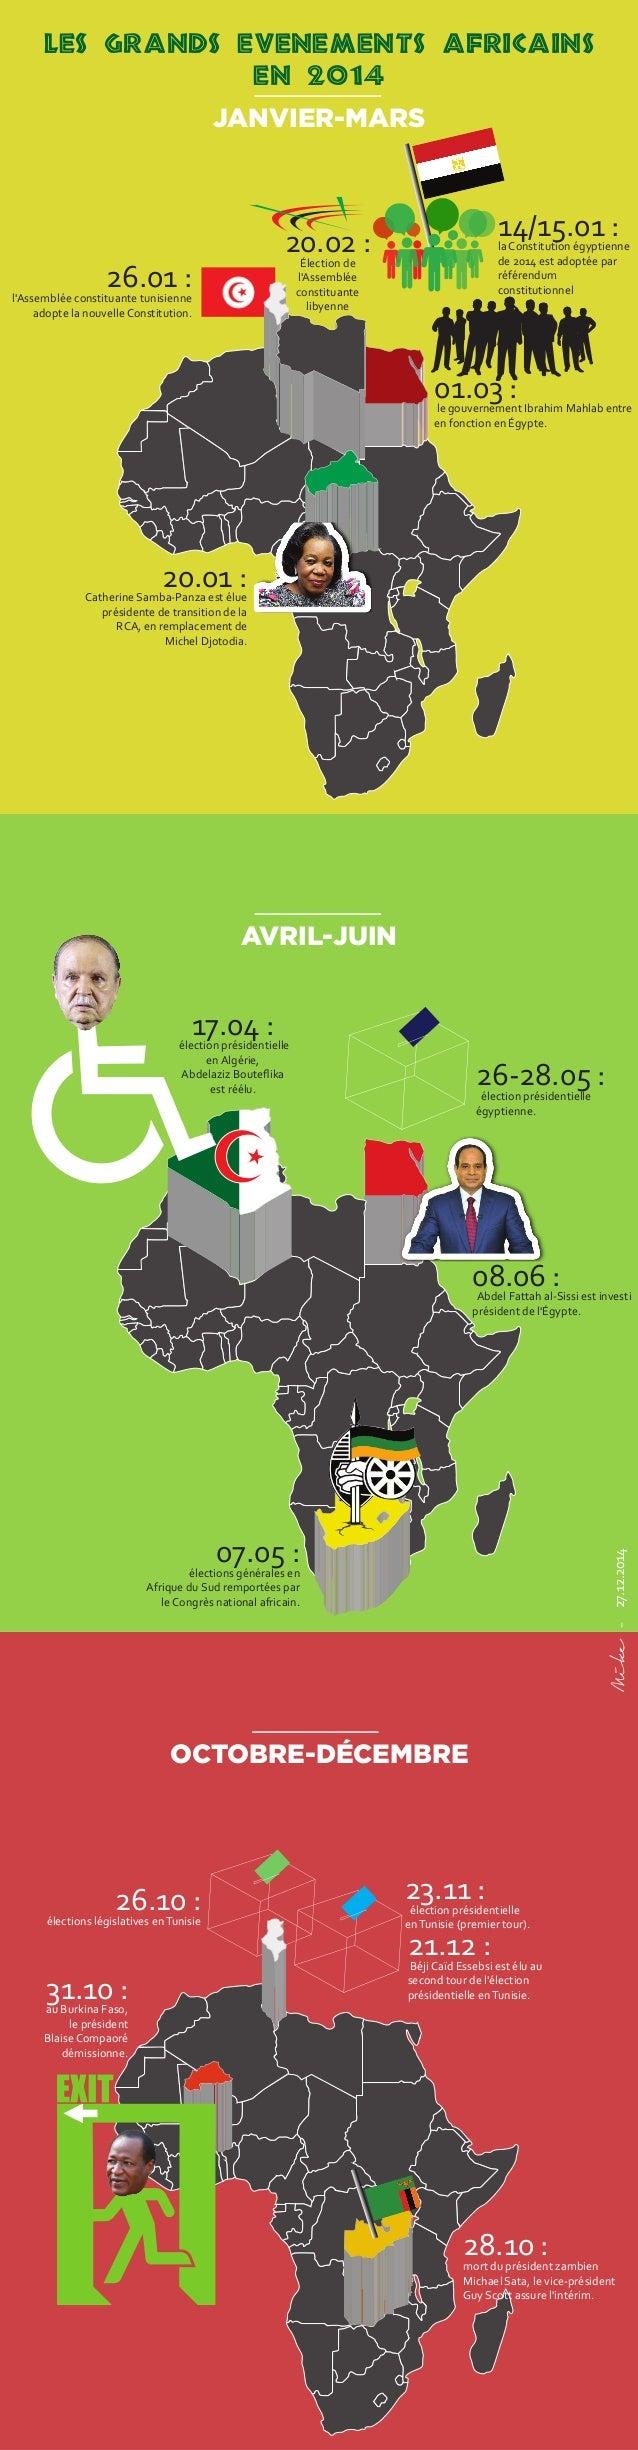 Les grands eveènements africains en 2014 JANVIER-MARS 14/15.01 :la Constitution égyptienne de 2014 est adoptée par référen...